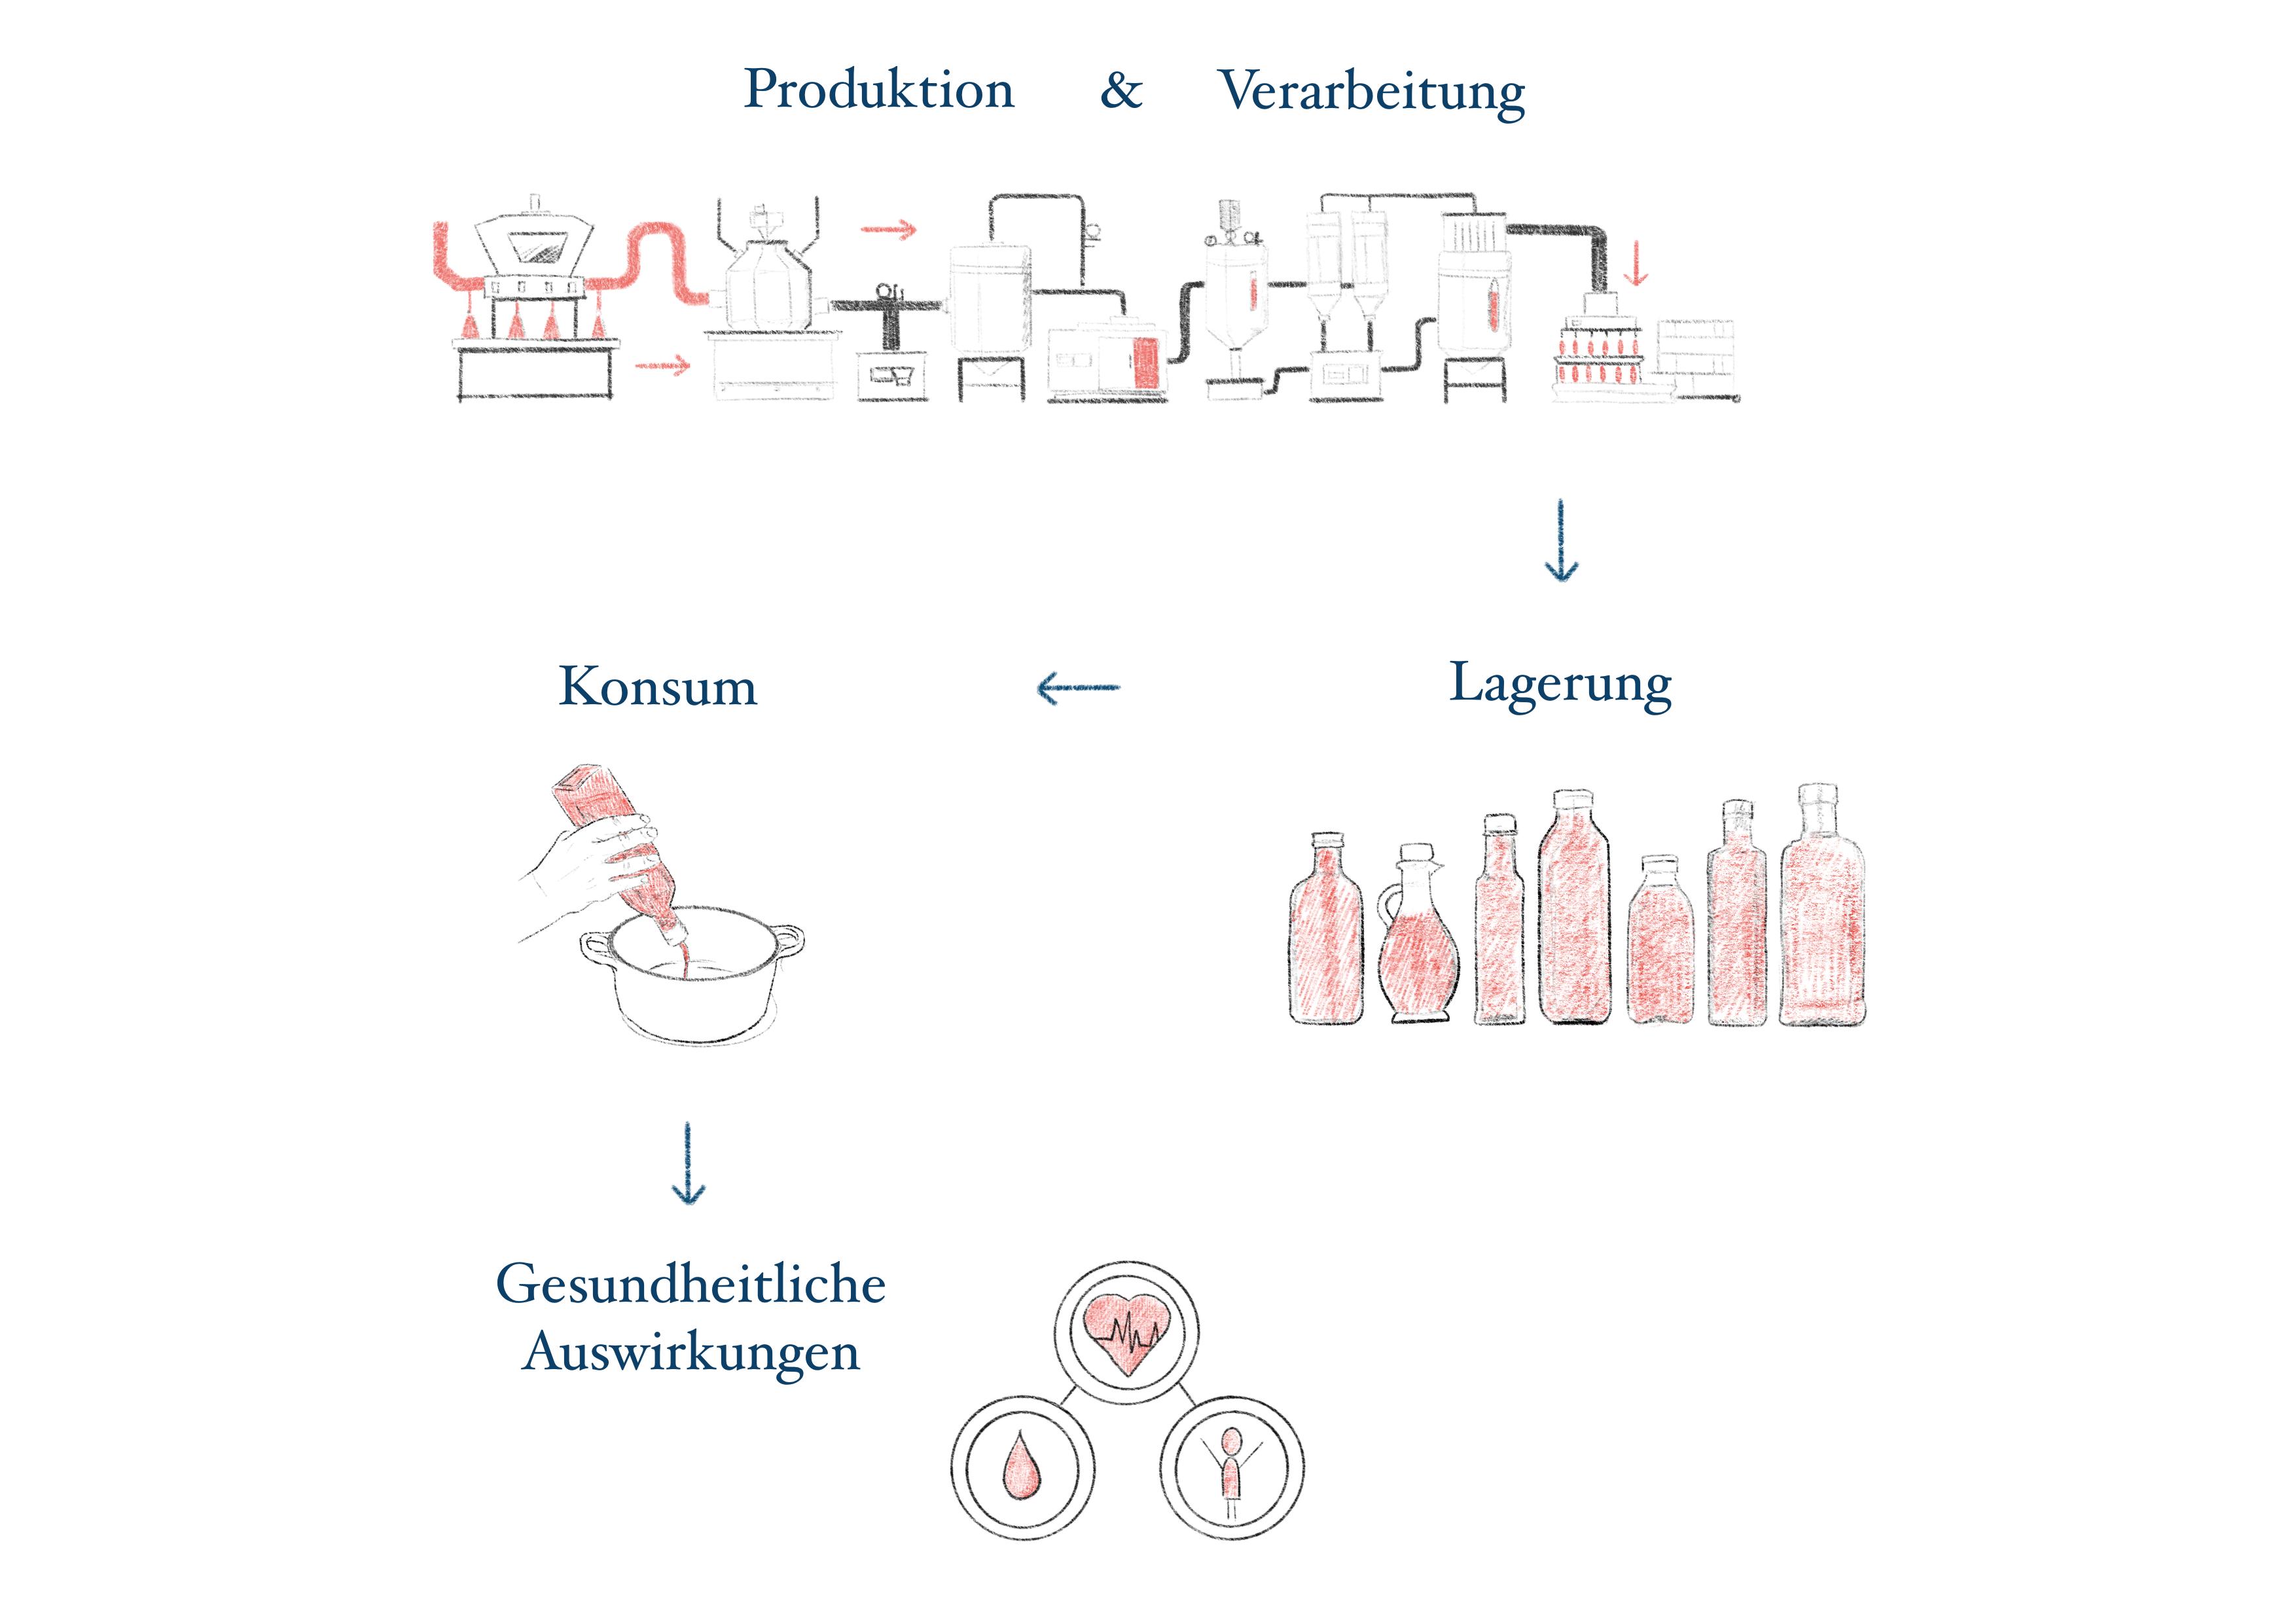 Die Produkton von Speiseöl